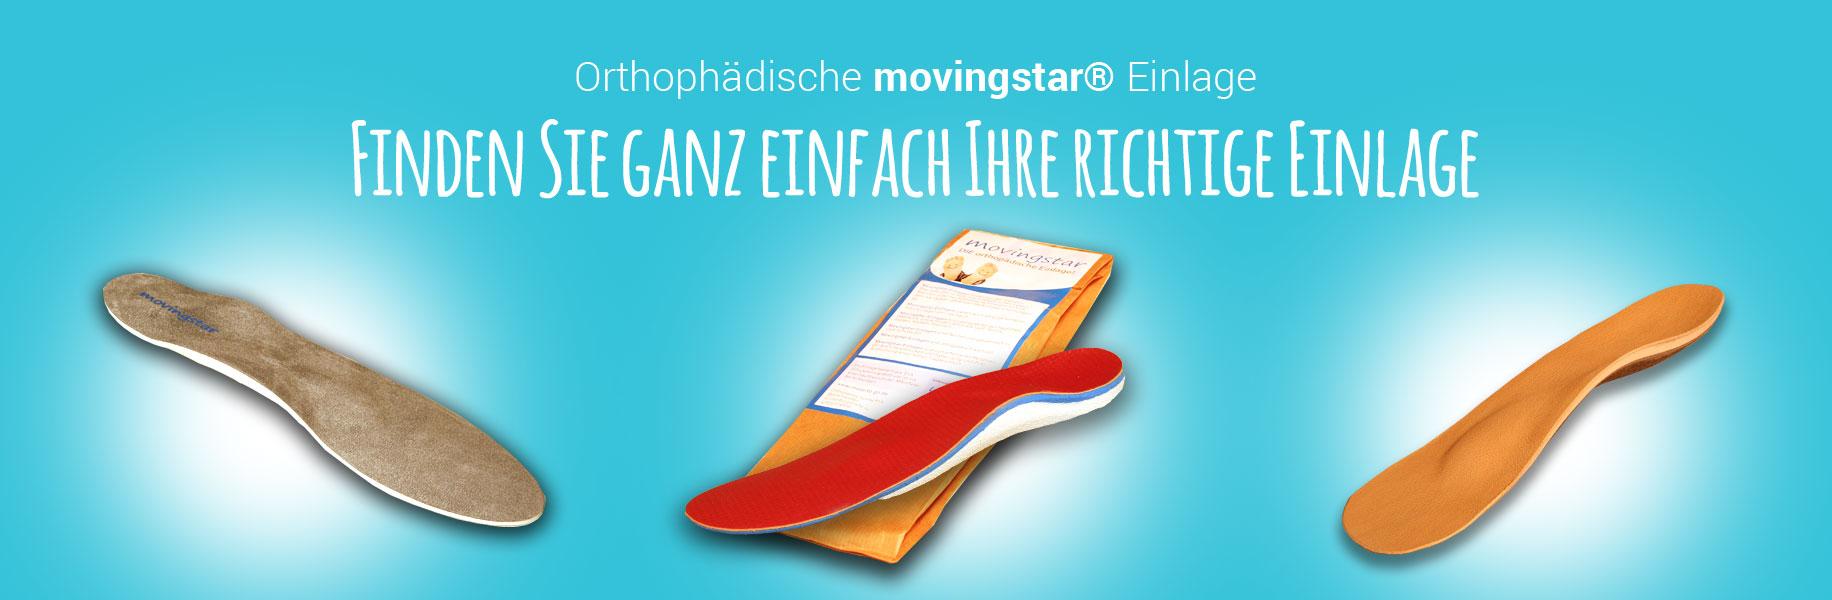 Einlagen-Berater für Ihre Movingstar-Einlagen